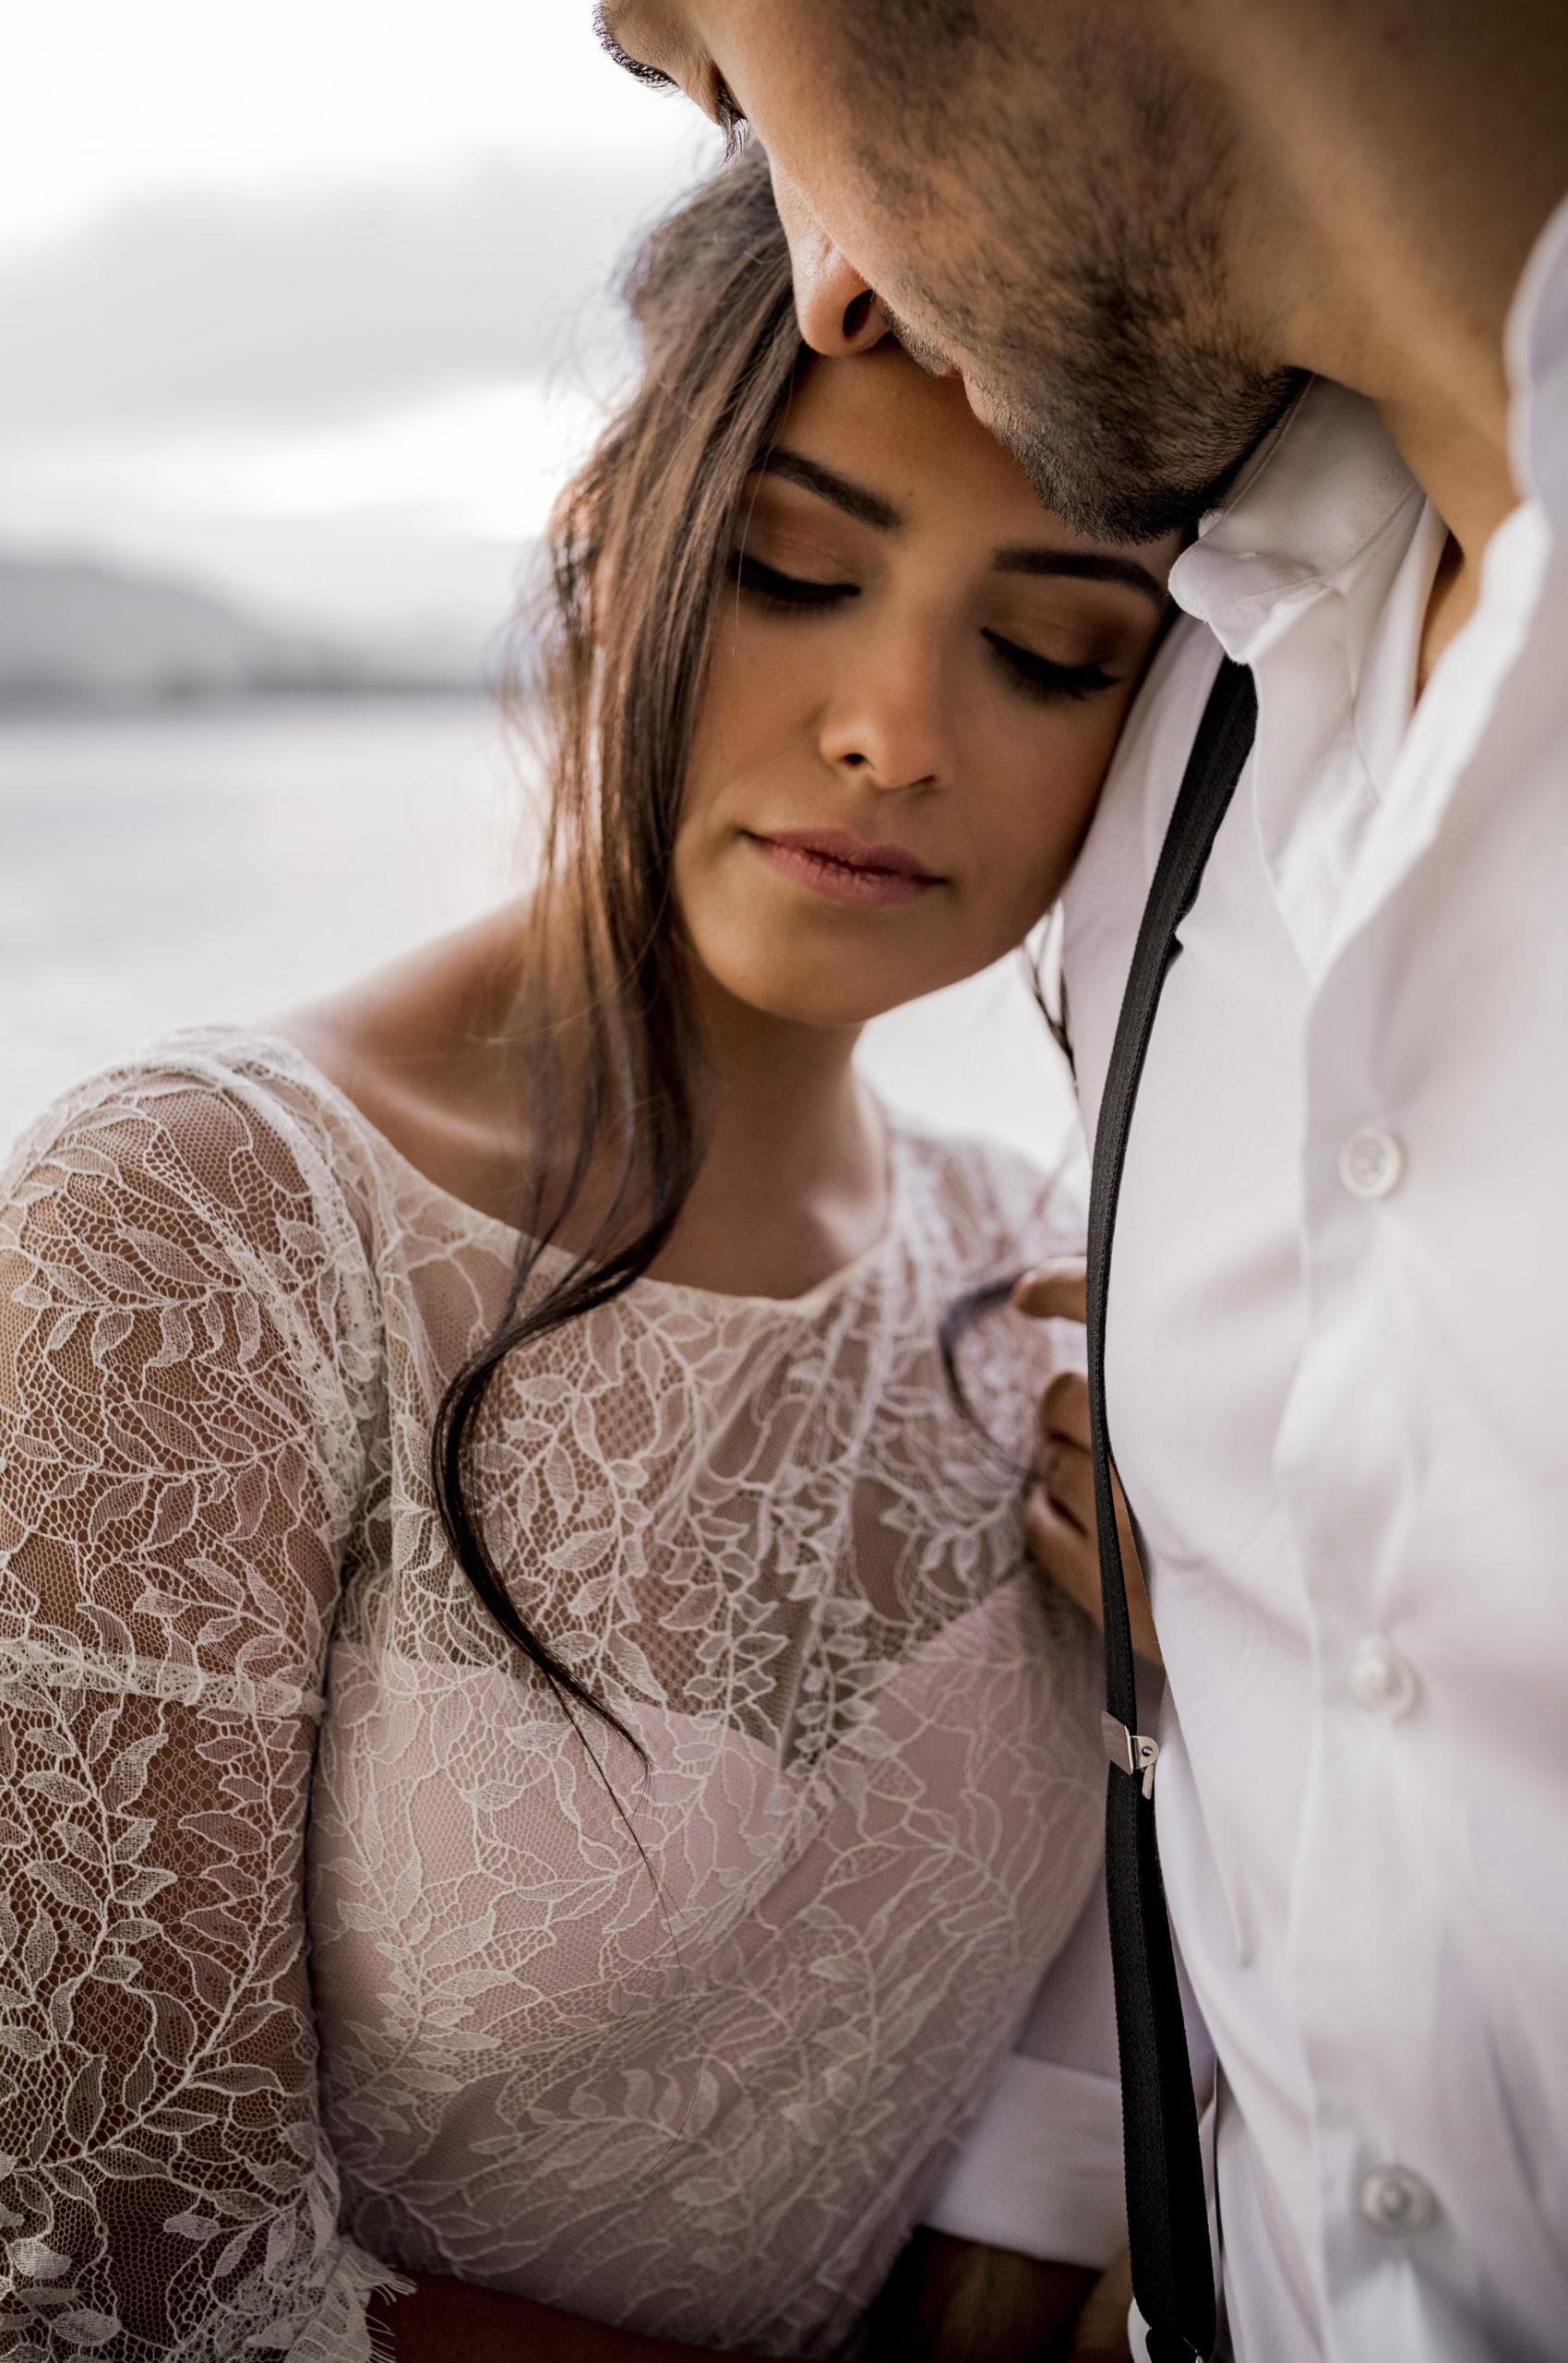 noni Brautmode, Styled Shoot am Bodensee, Model-Pärchen händchenhaltend am Seeufer bei Sonnenschein, Braut mit zweiteiligem Brautkleid in Puderrosa-Optik, Bräutigam mit Hemd und Hosenträgern, umarmend, Nahaufnahme